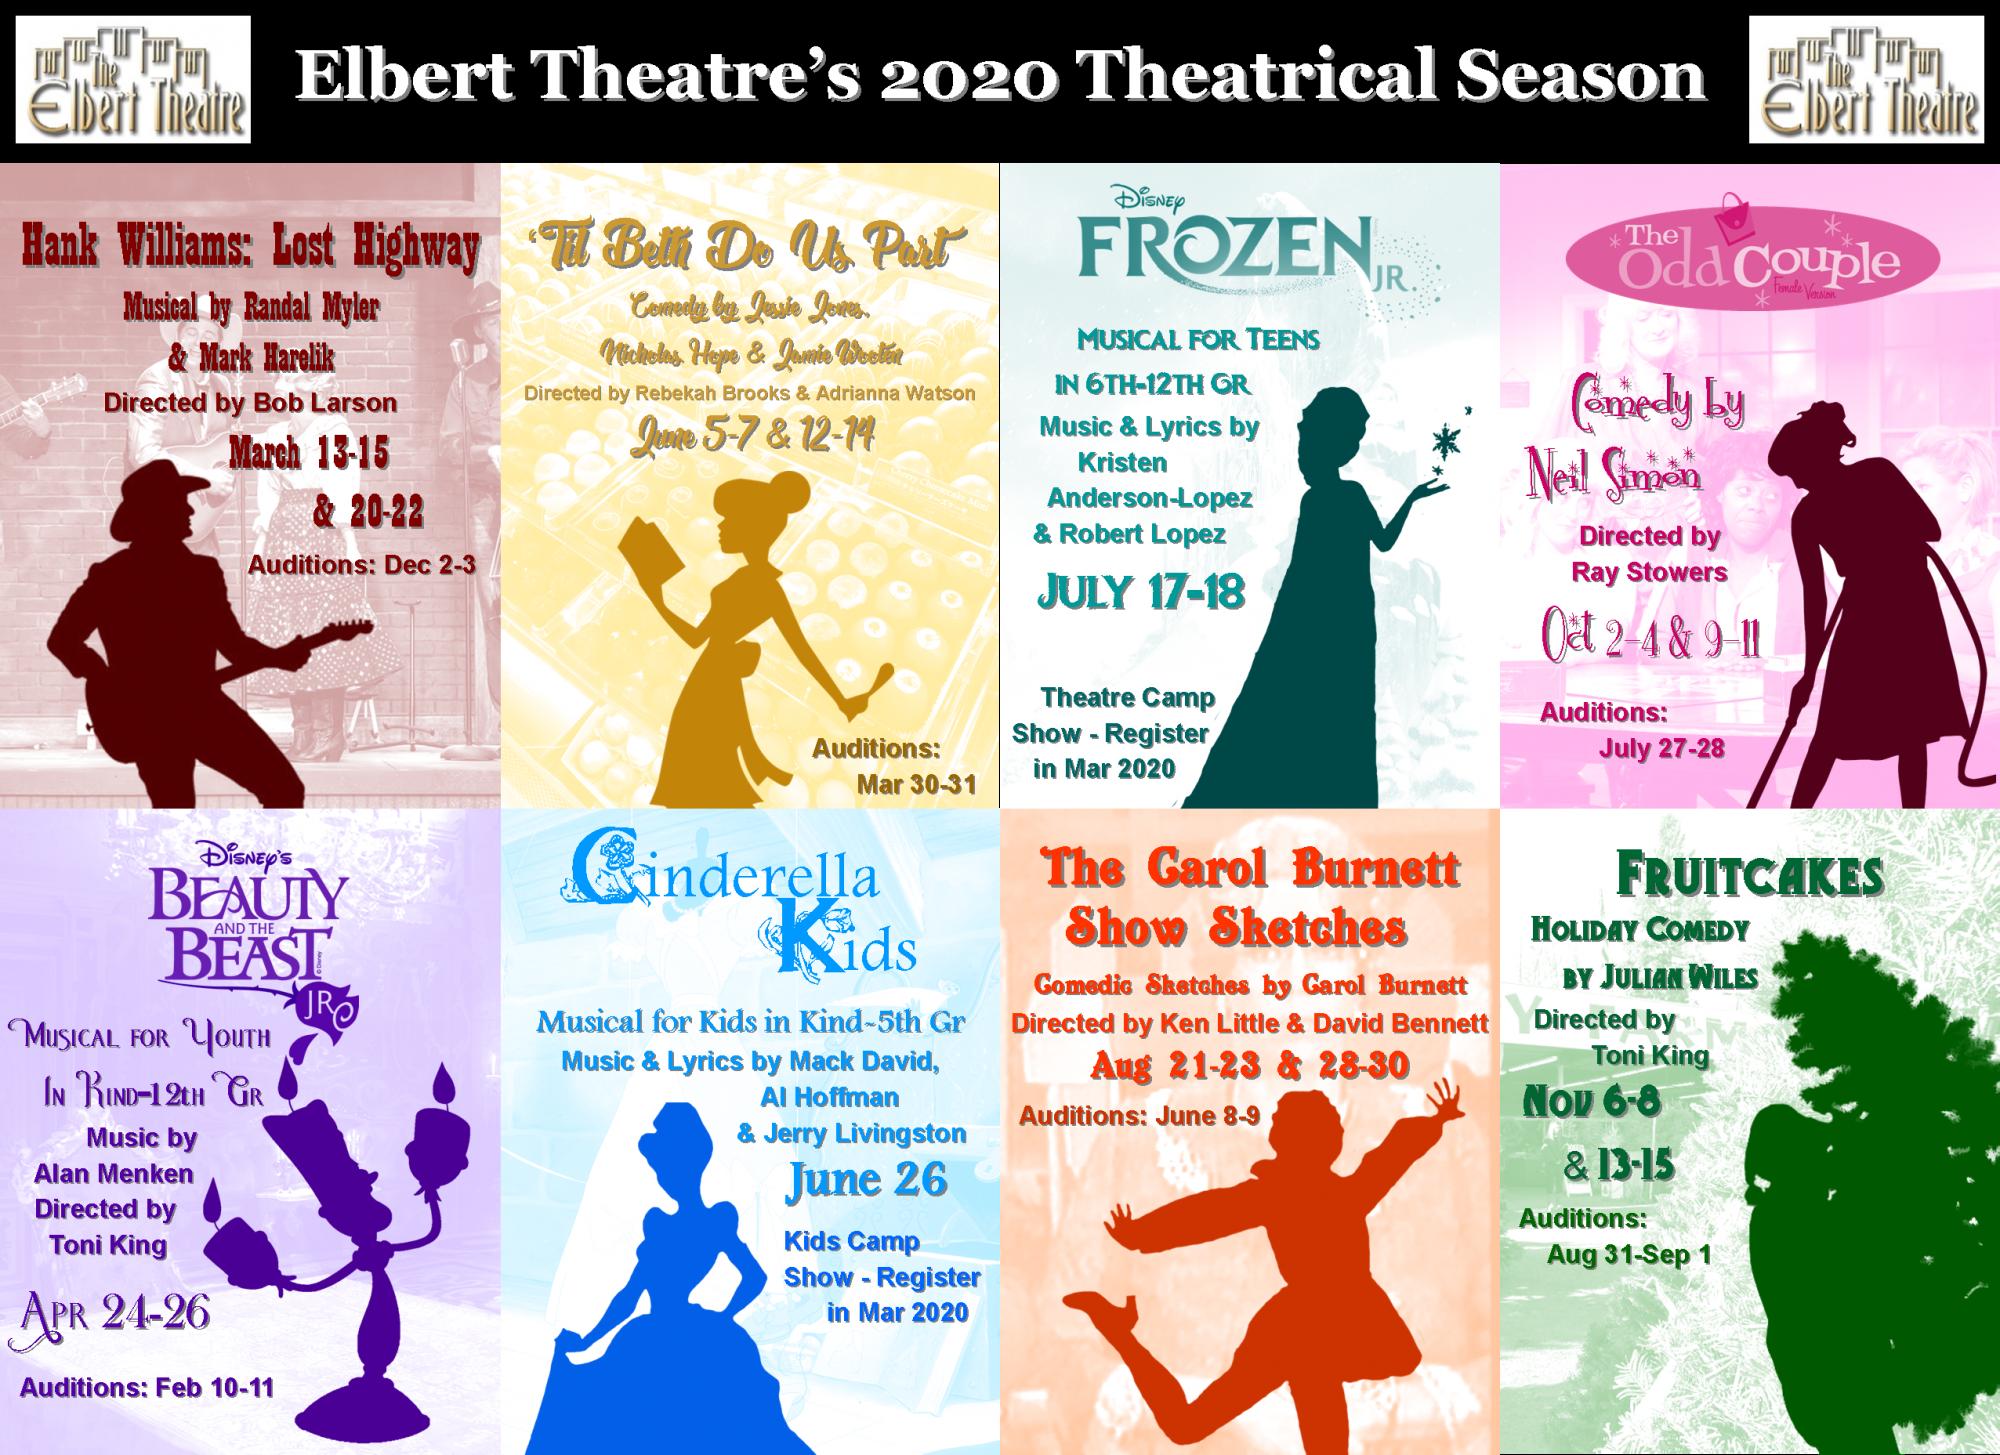 2020 Season Elbert Theatre